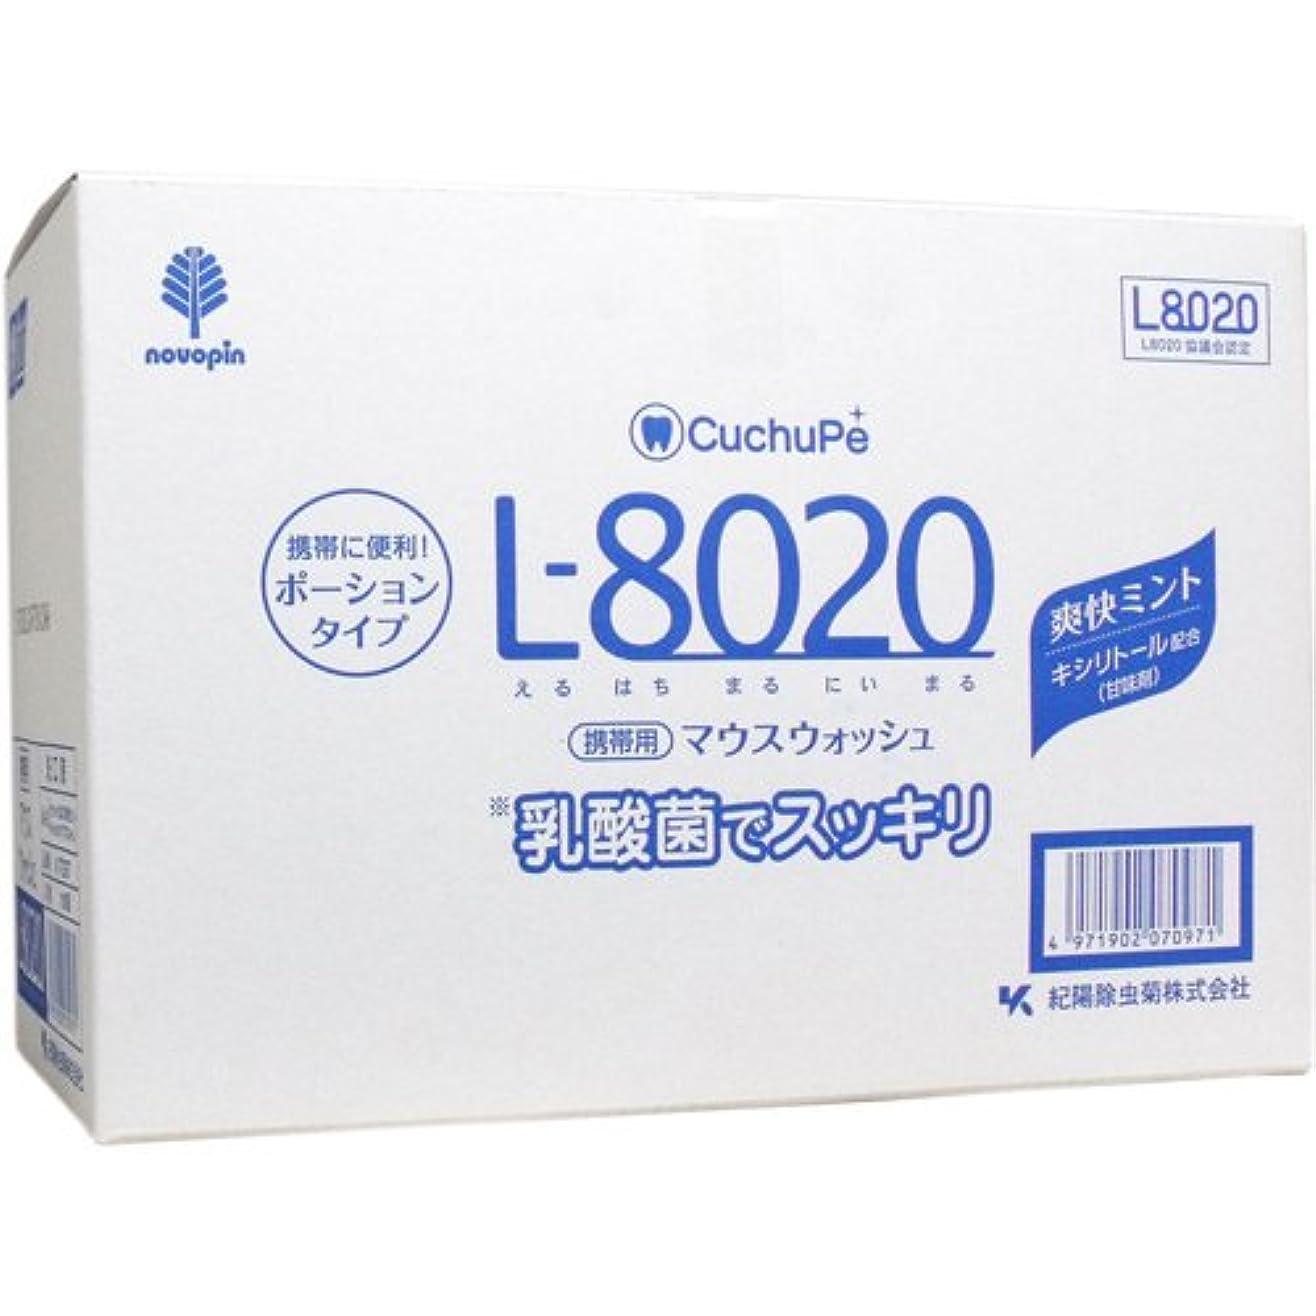 パンチスタンド乳白色クチュッペ L-8020 マウスウォッシュ 爽快ミント ポーションタイプ 100個入